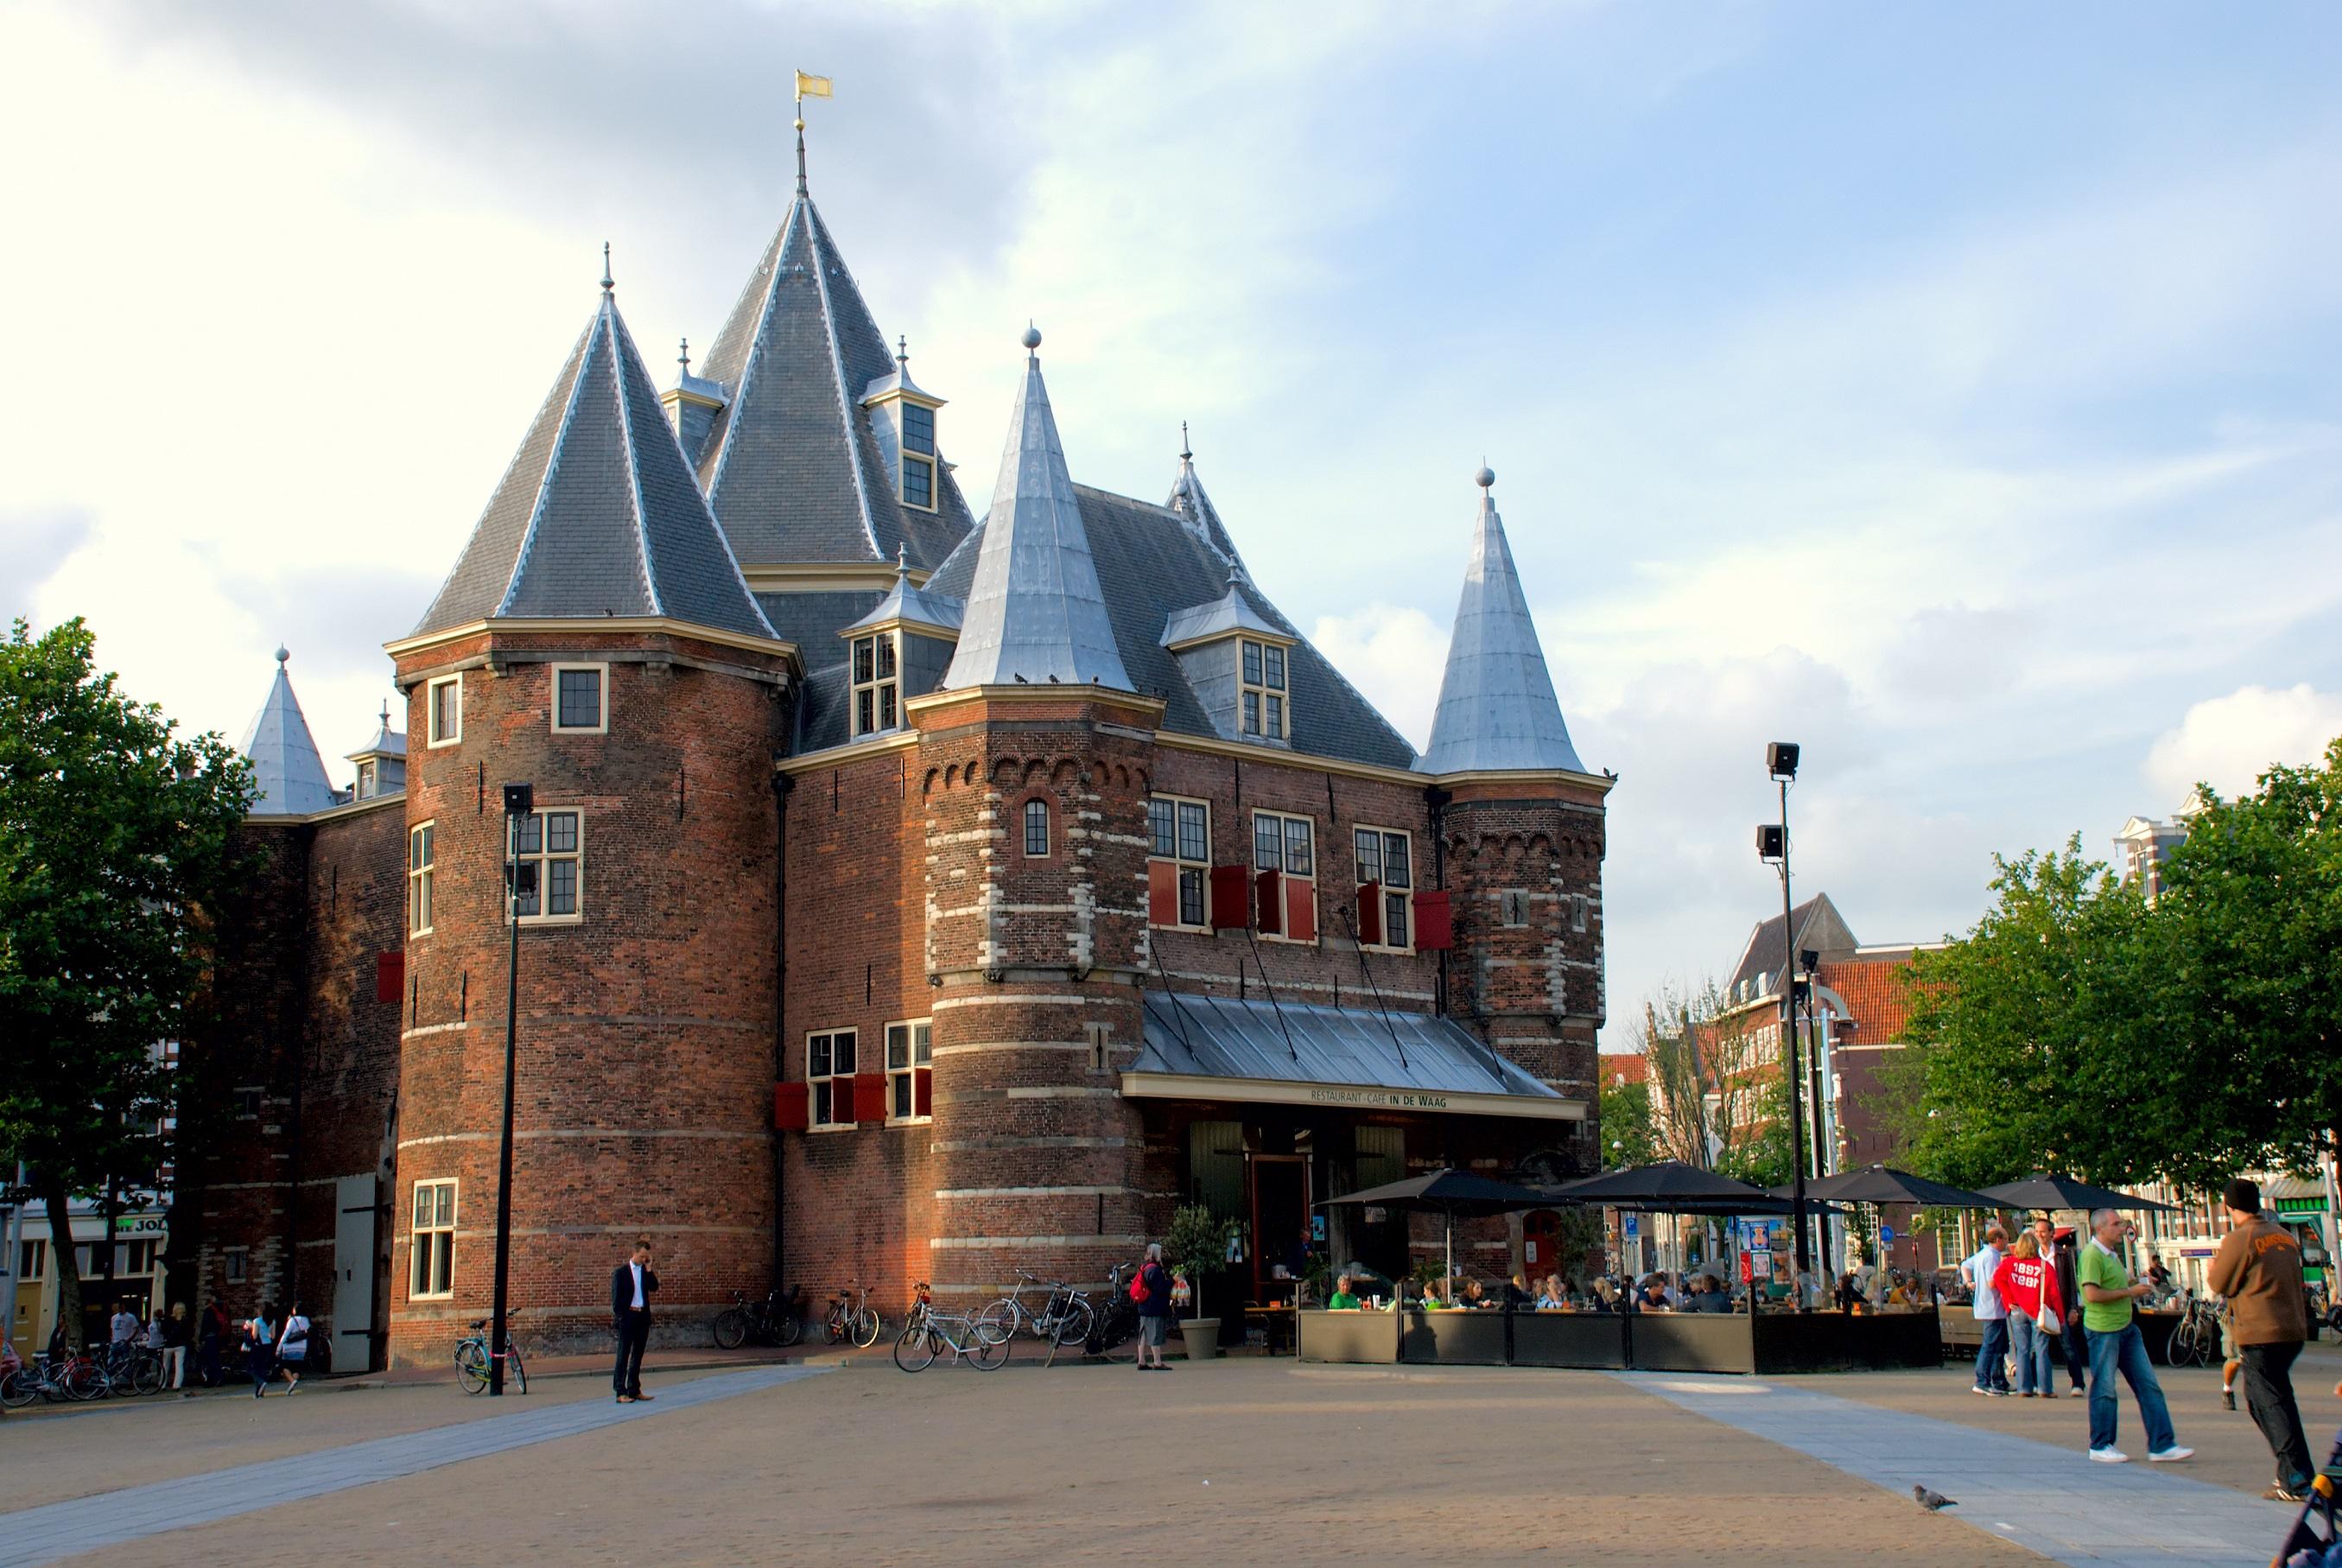 10 Tempat Wisata Di Belanda Yang Wajib Dikunjungi Kalo Ke Sana 2021